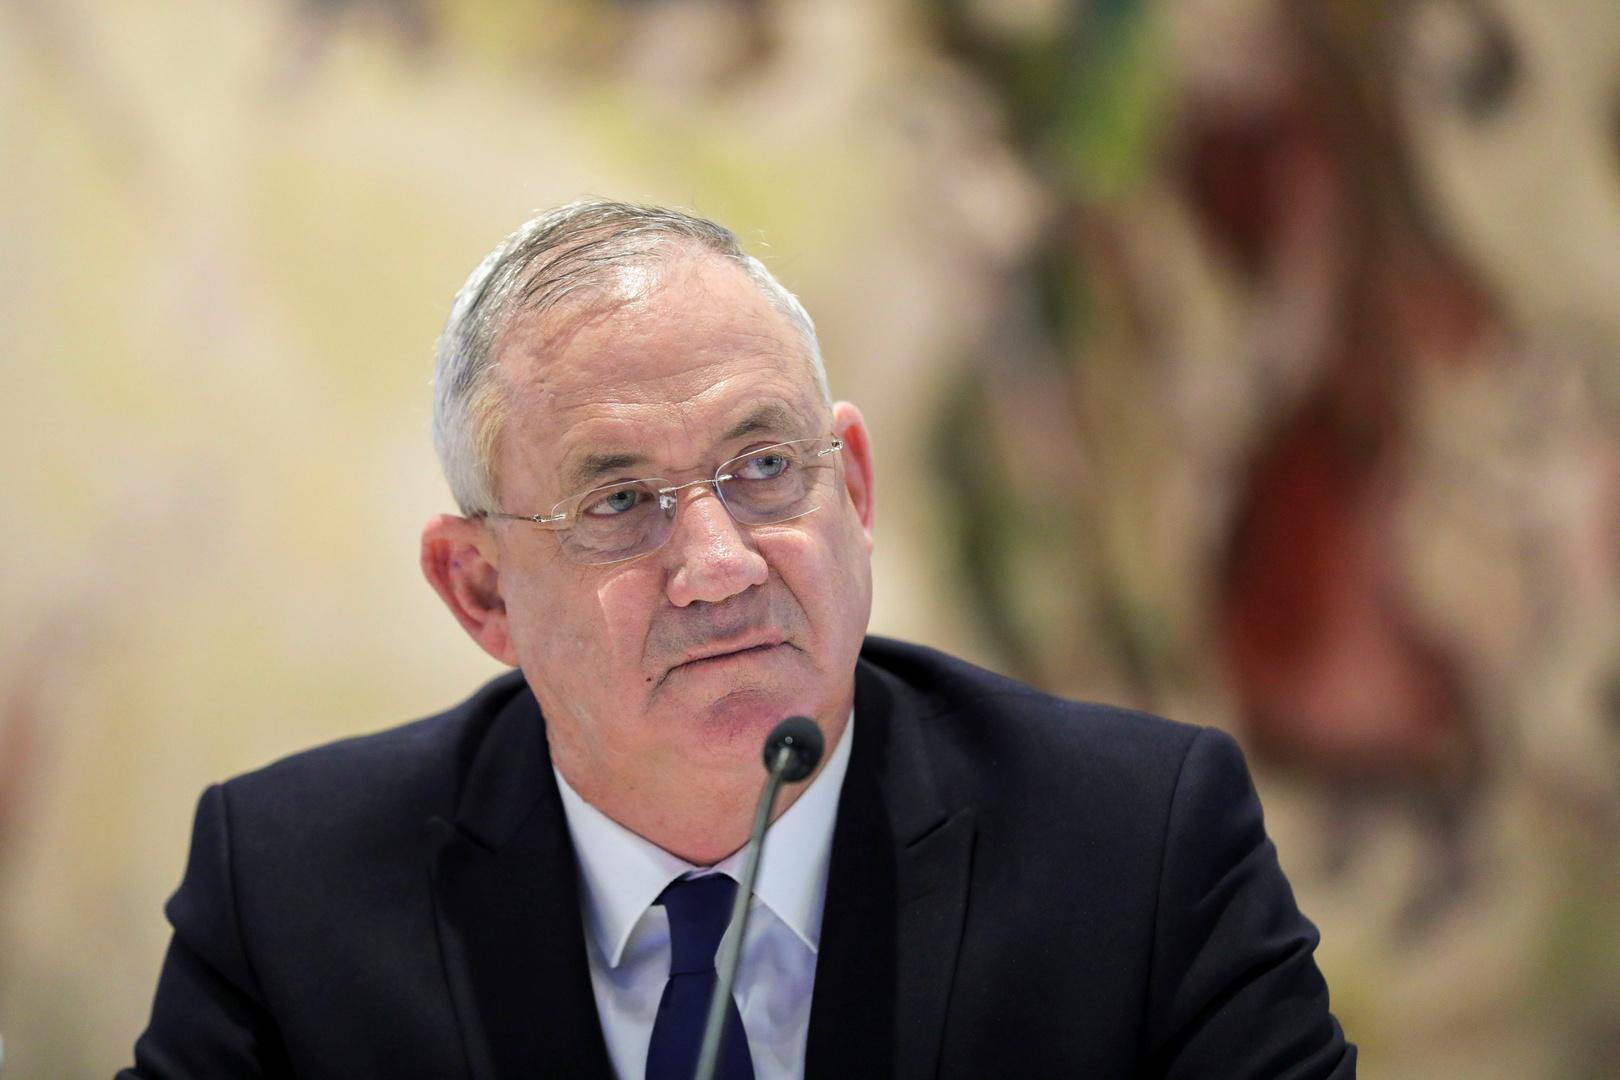 بعد التصديق على اتفاقية السلام مع الإمارات.. غانتس يدعو لتقوية علاقة إسرائيل مع الأردن ومصر